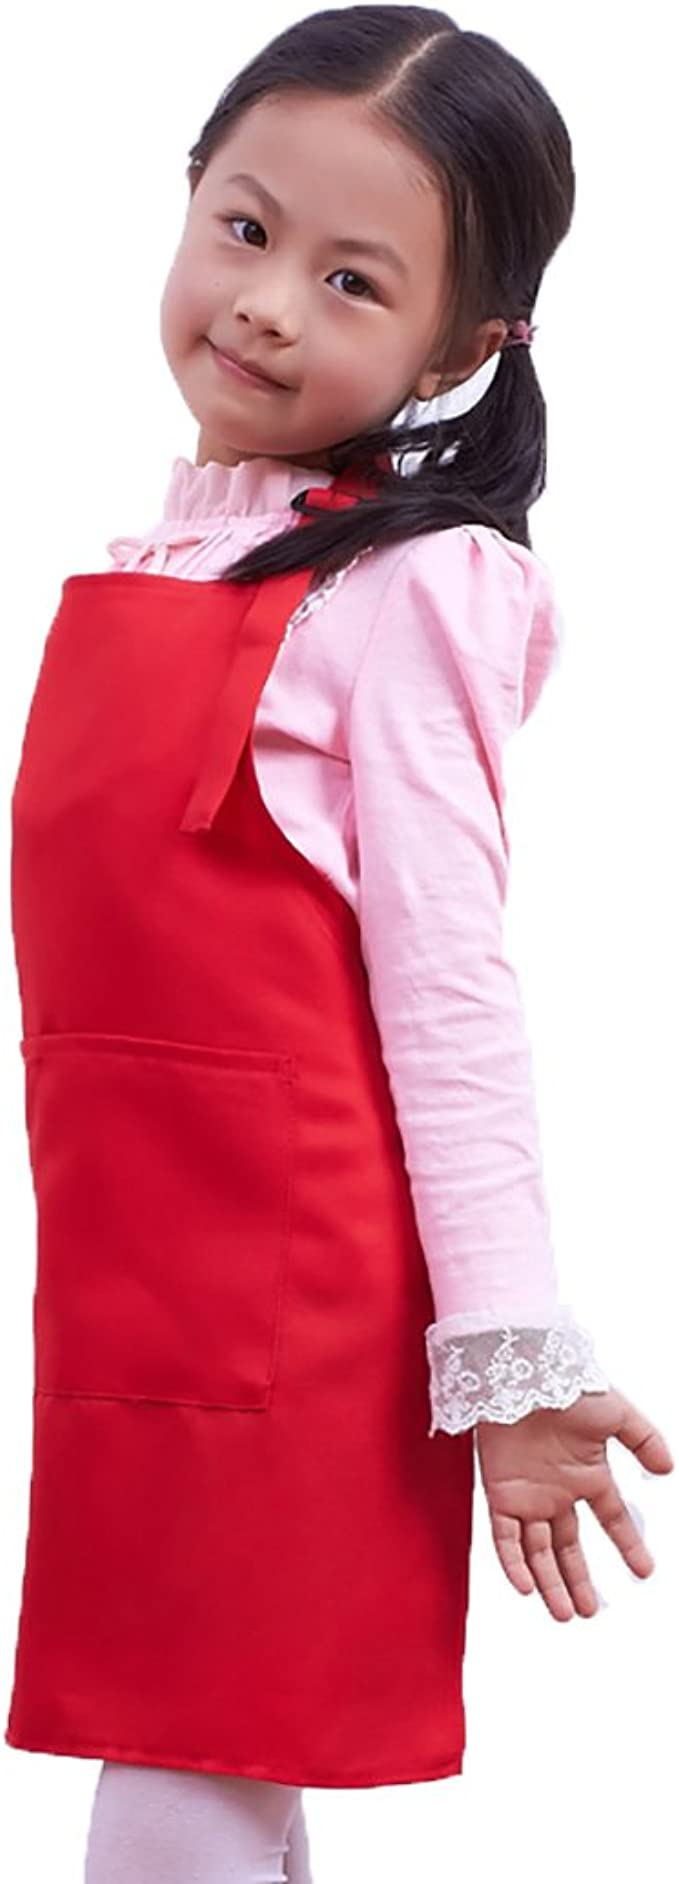 LISSOMPLUME Delantal de ni/ños de 5-7 a/ños de edad de estilo Corea lindo beb/é vivero ropa de pintura